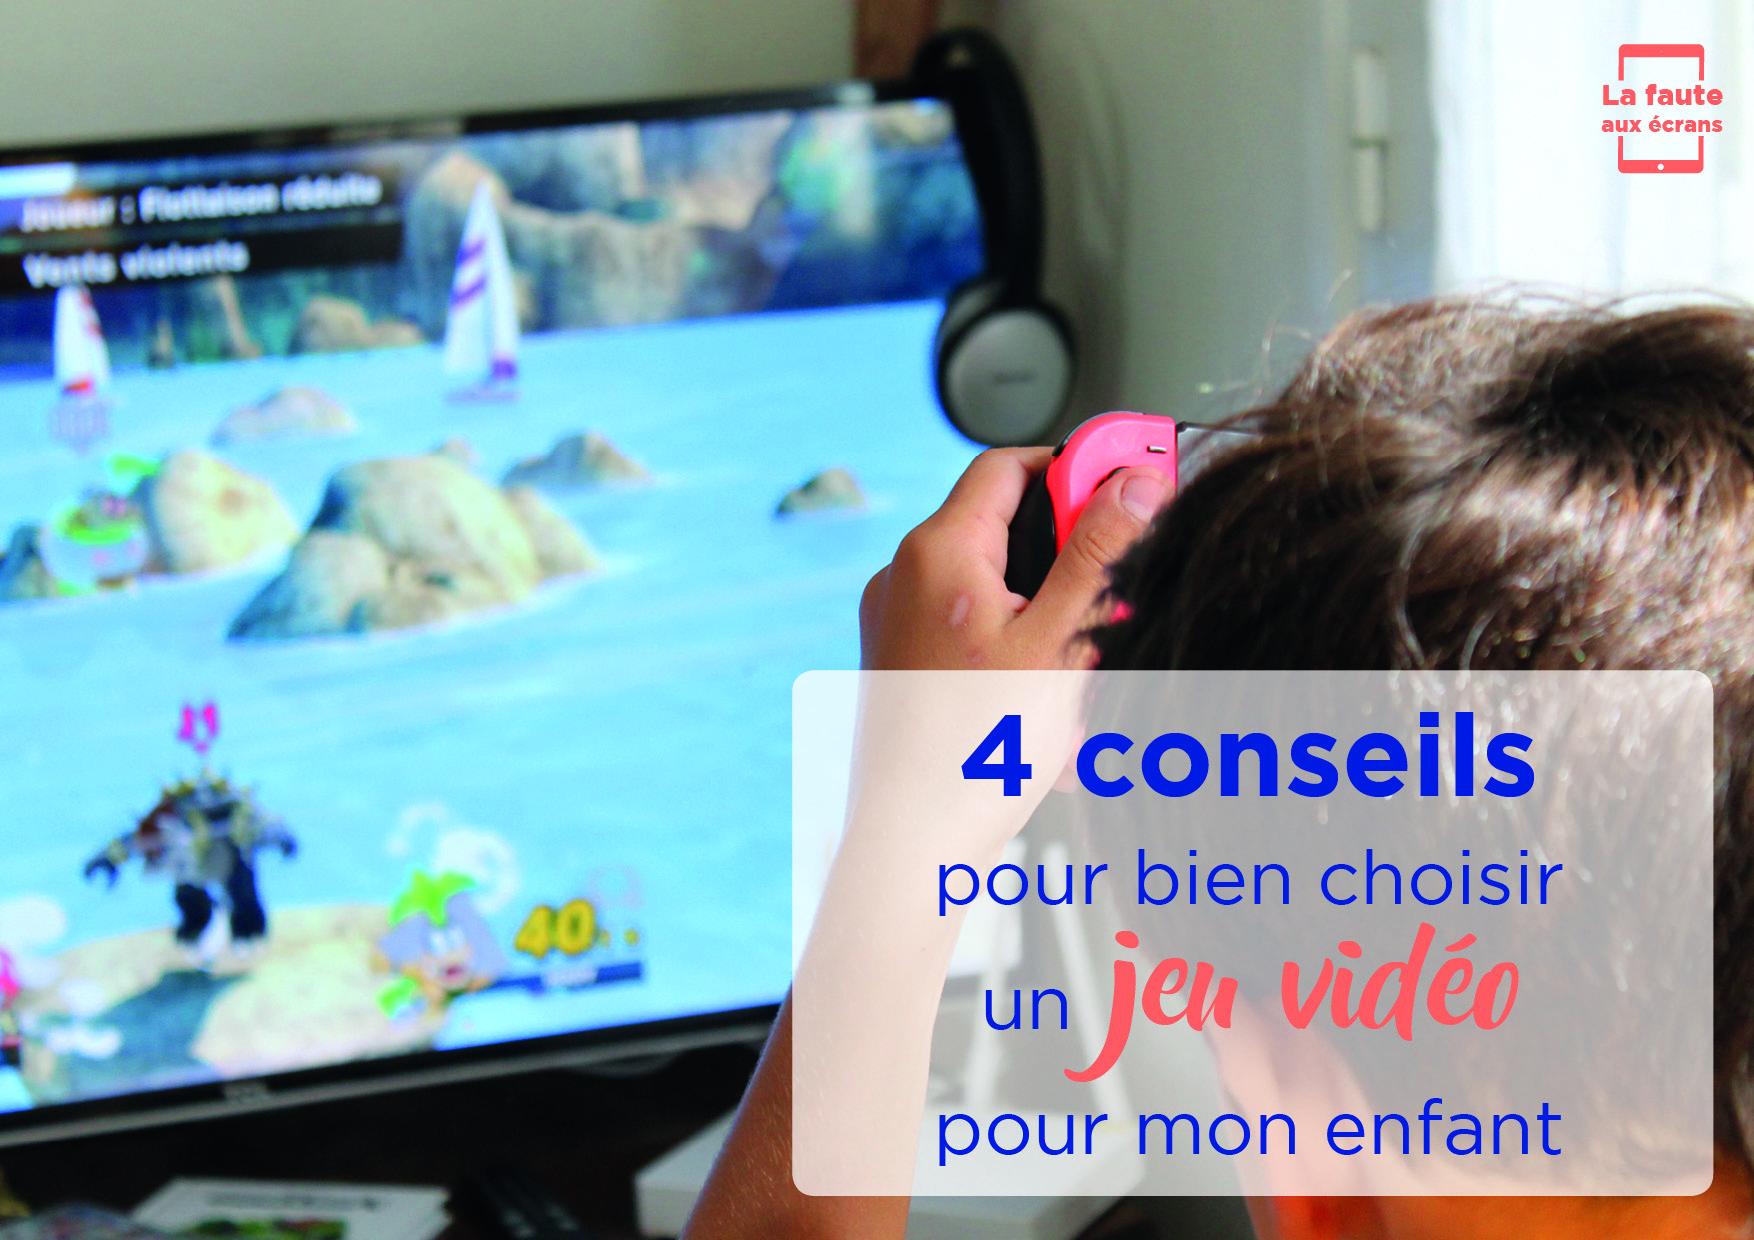 4 conseils pour bien choisir un jeu vidéo pour son enfant